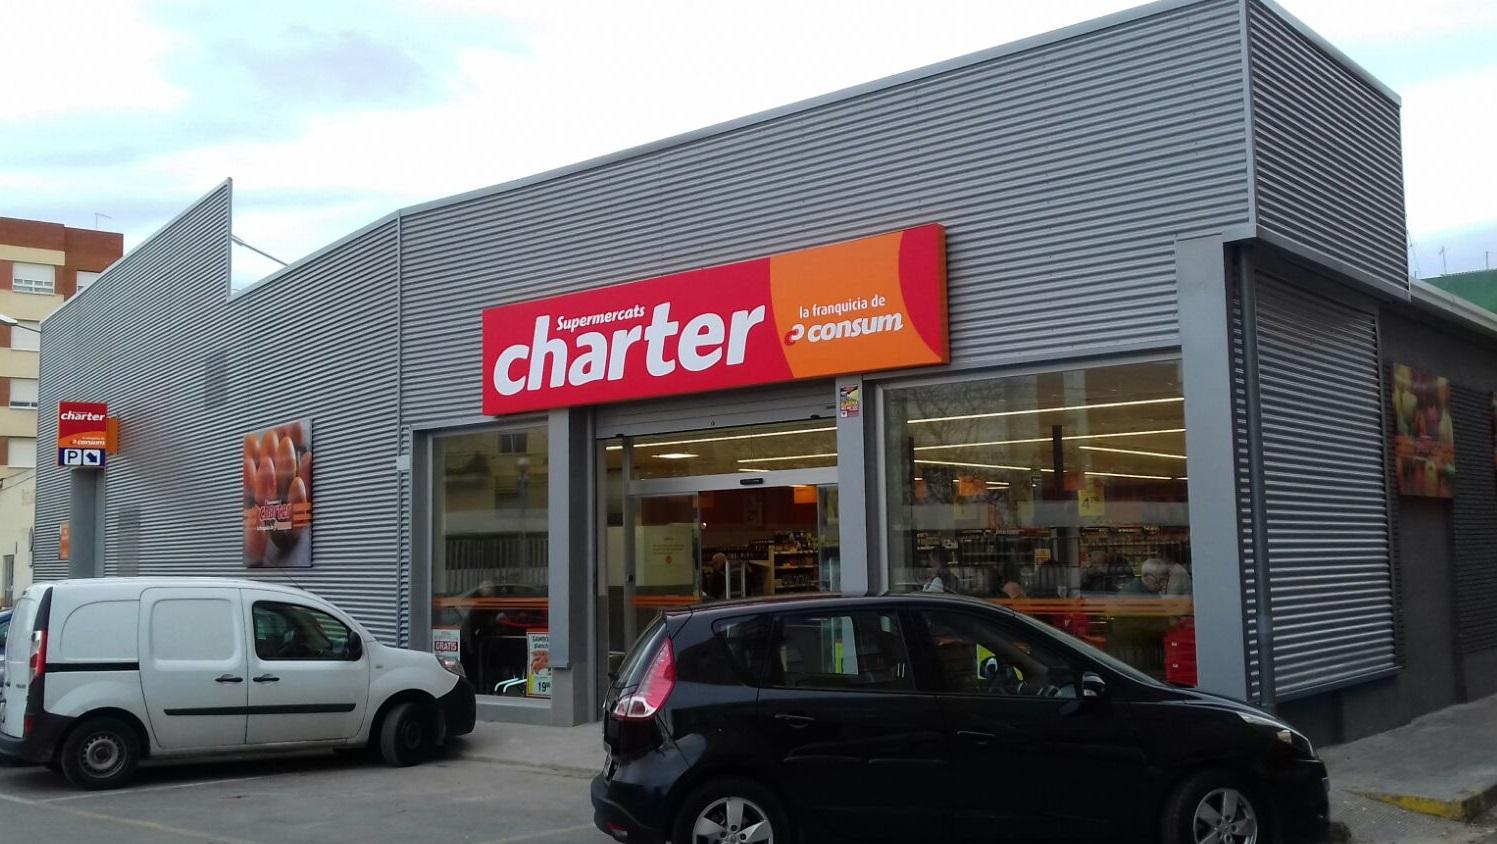 Charter Roza El Centenar De Supers En La Provincia De Valencia Con